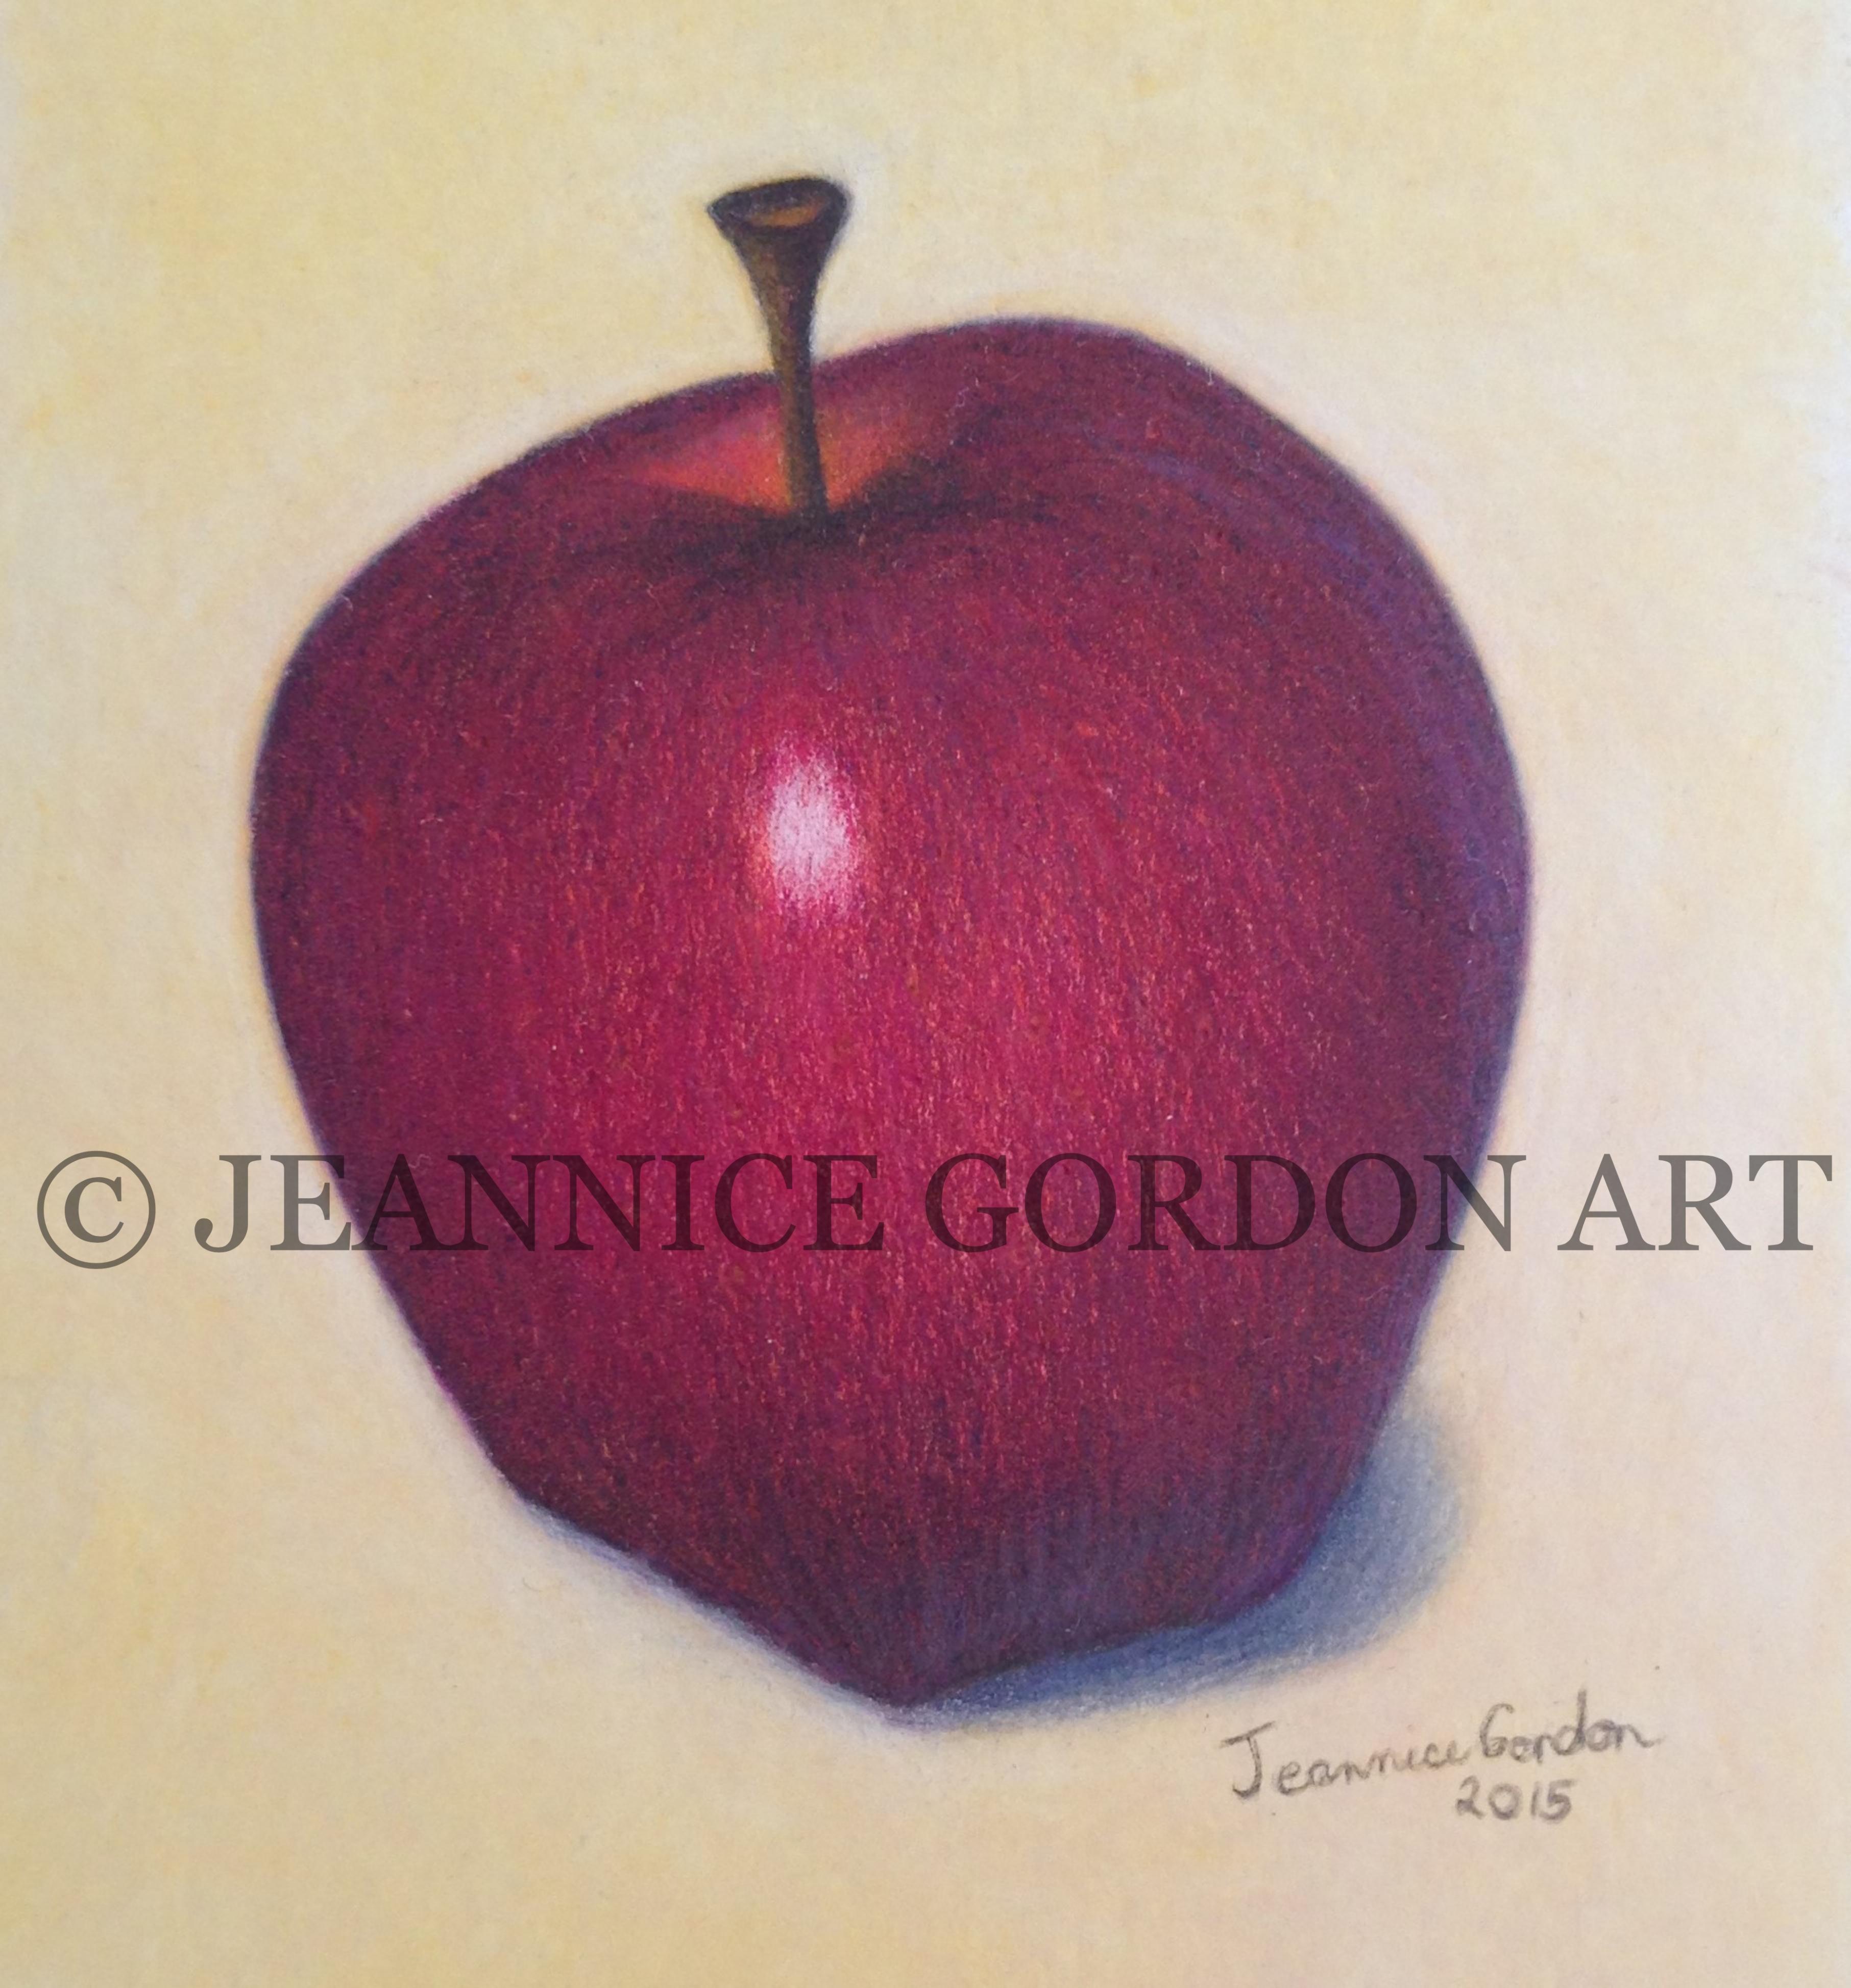 Fresh Red Apple for web.JPG-2